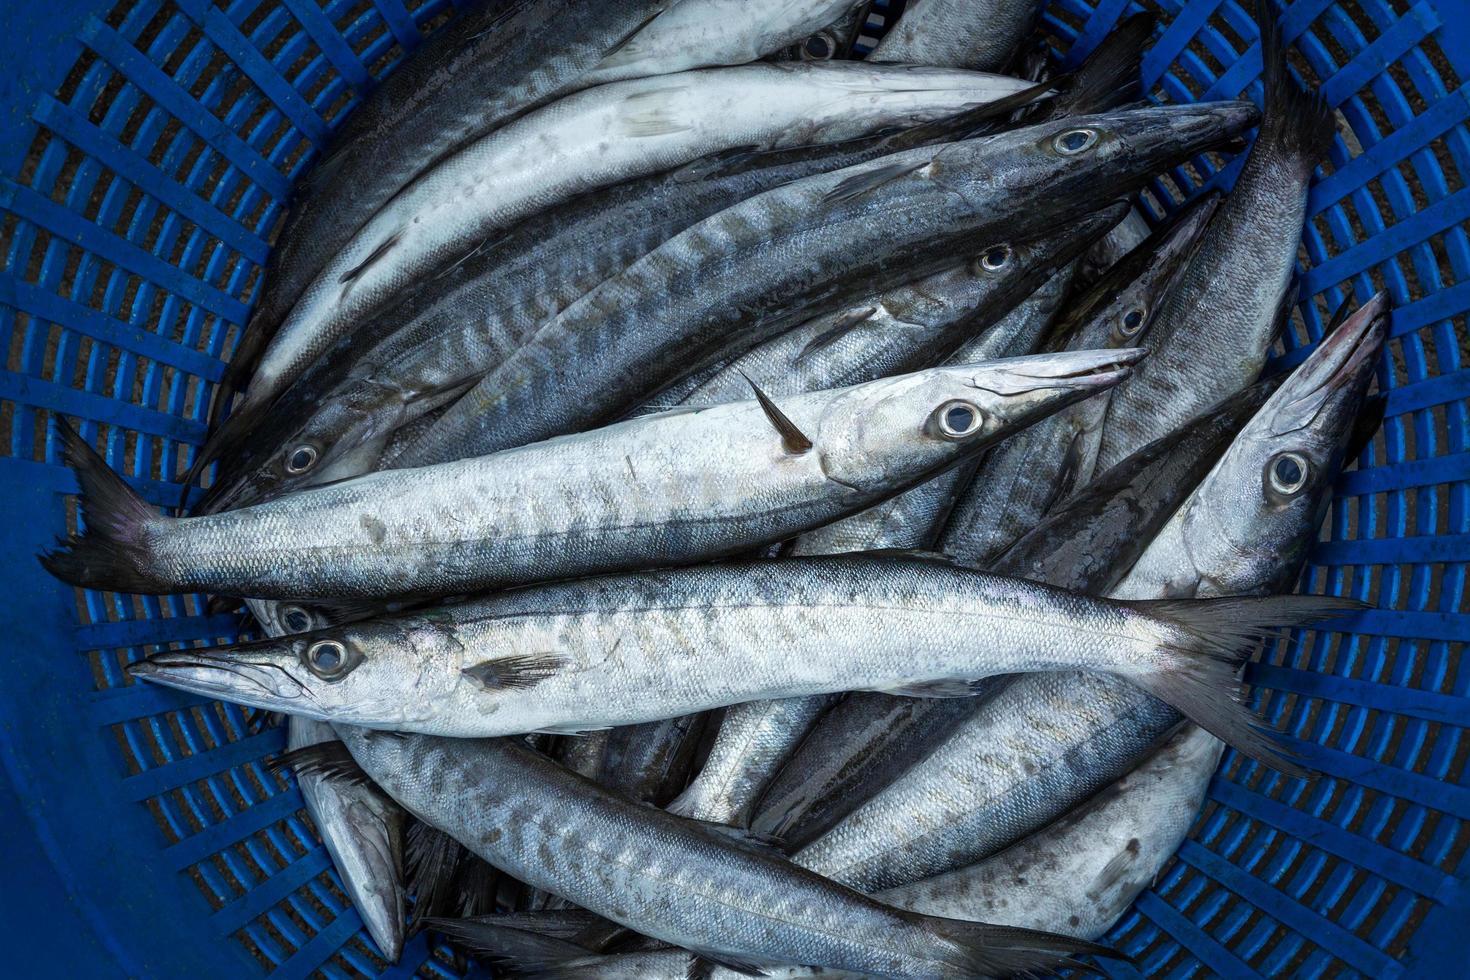 poisson de mer frais vendu sur le marché. photo